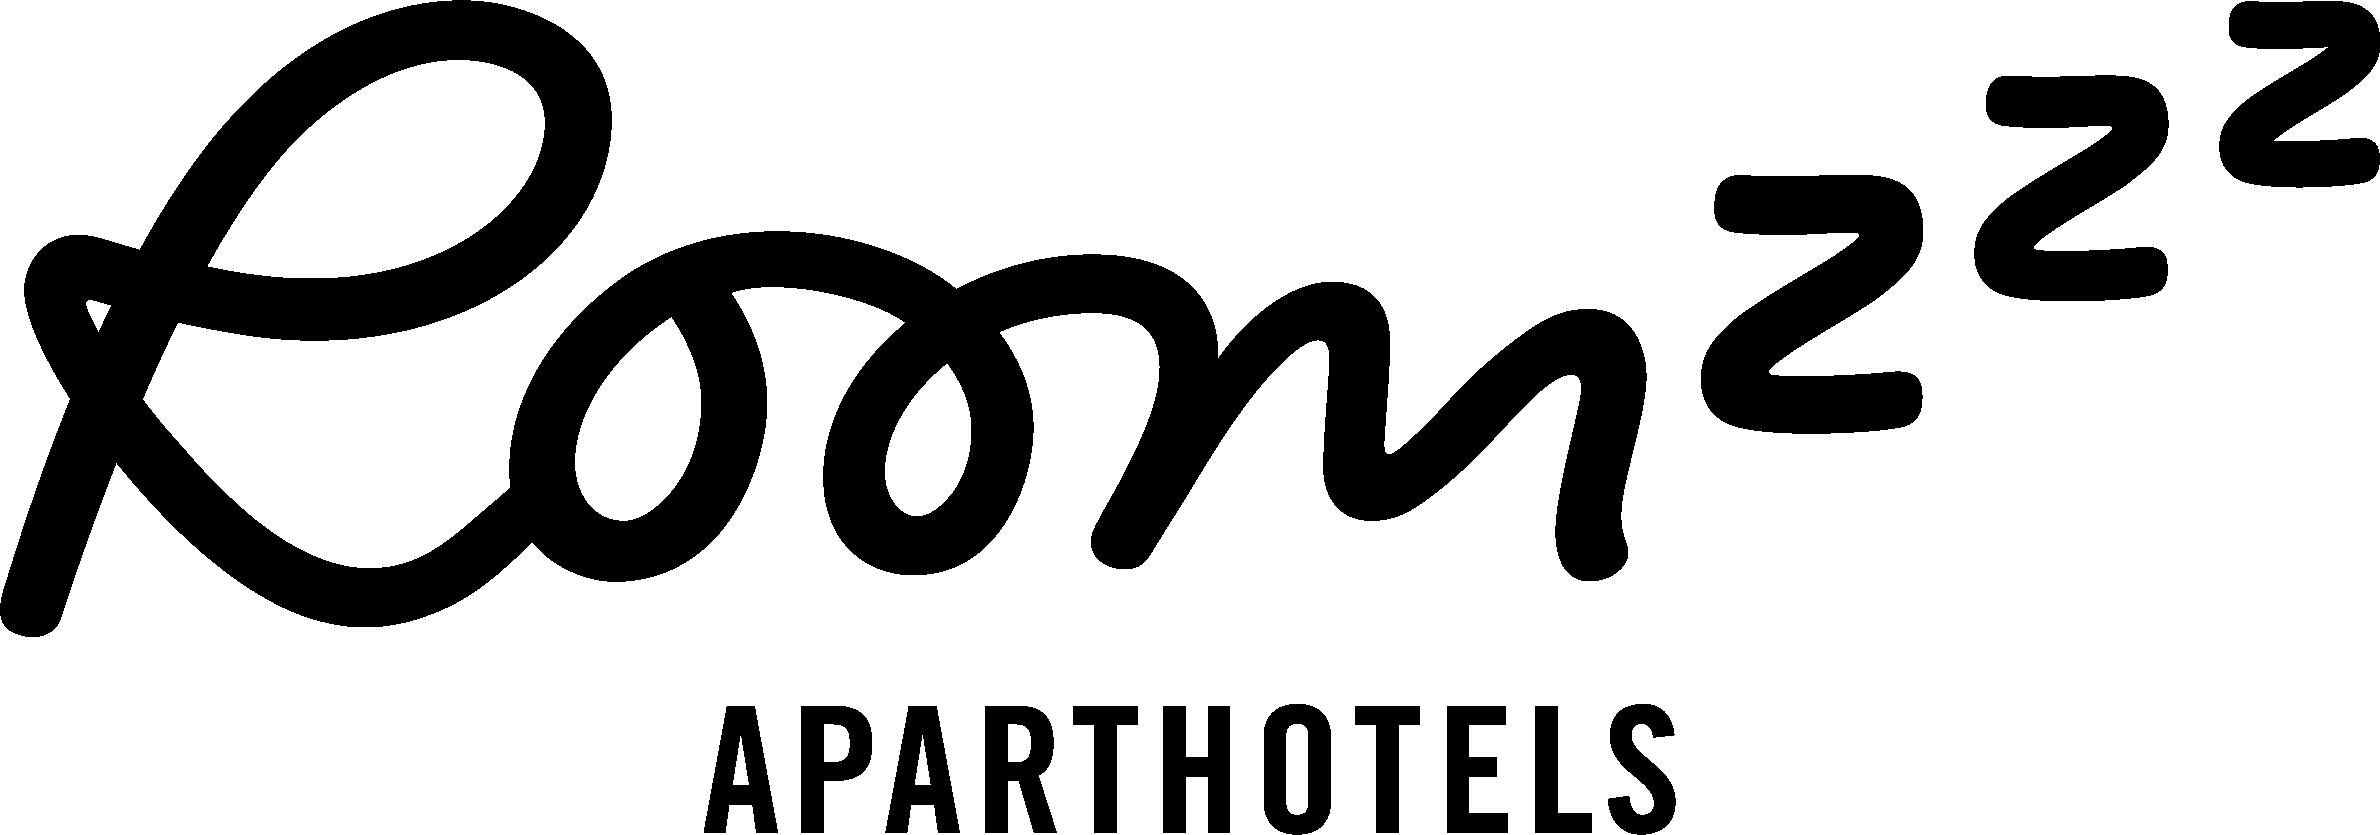 Rooomzzz_Aparthotels_logo_black-2